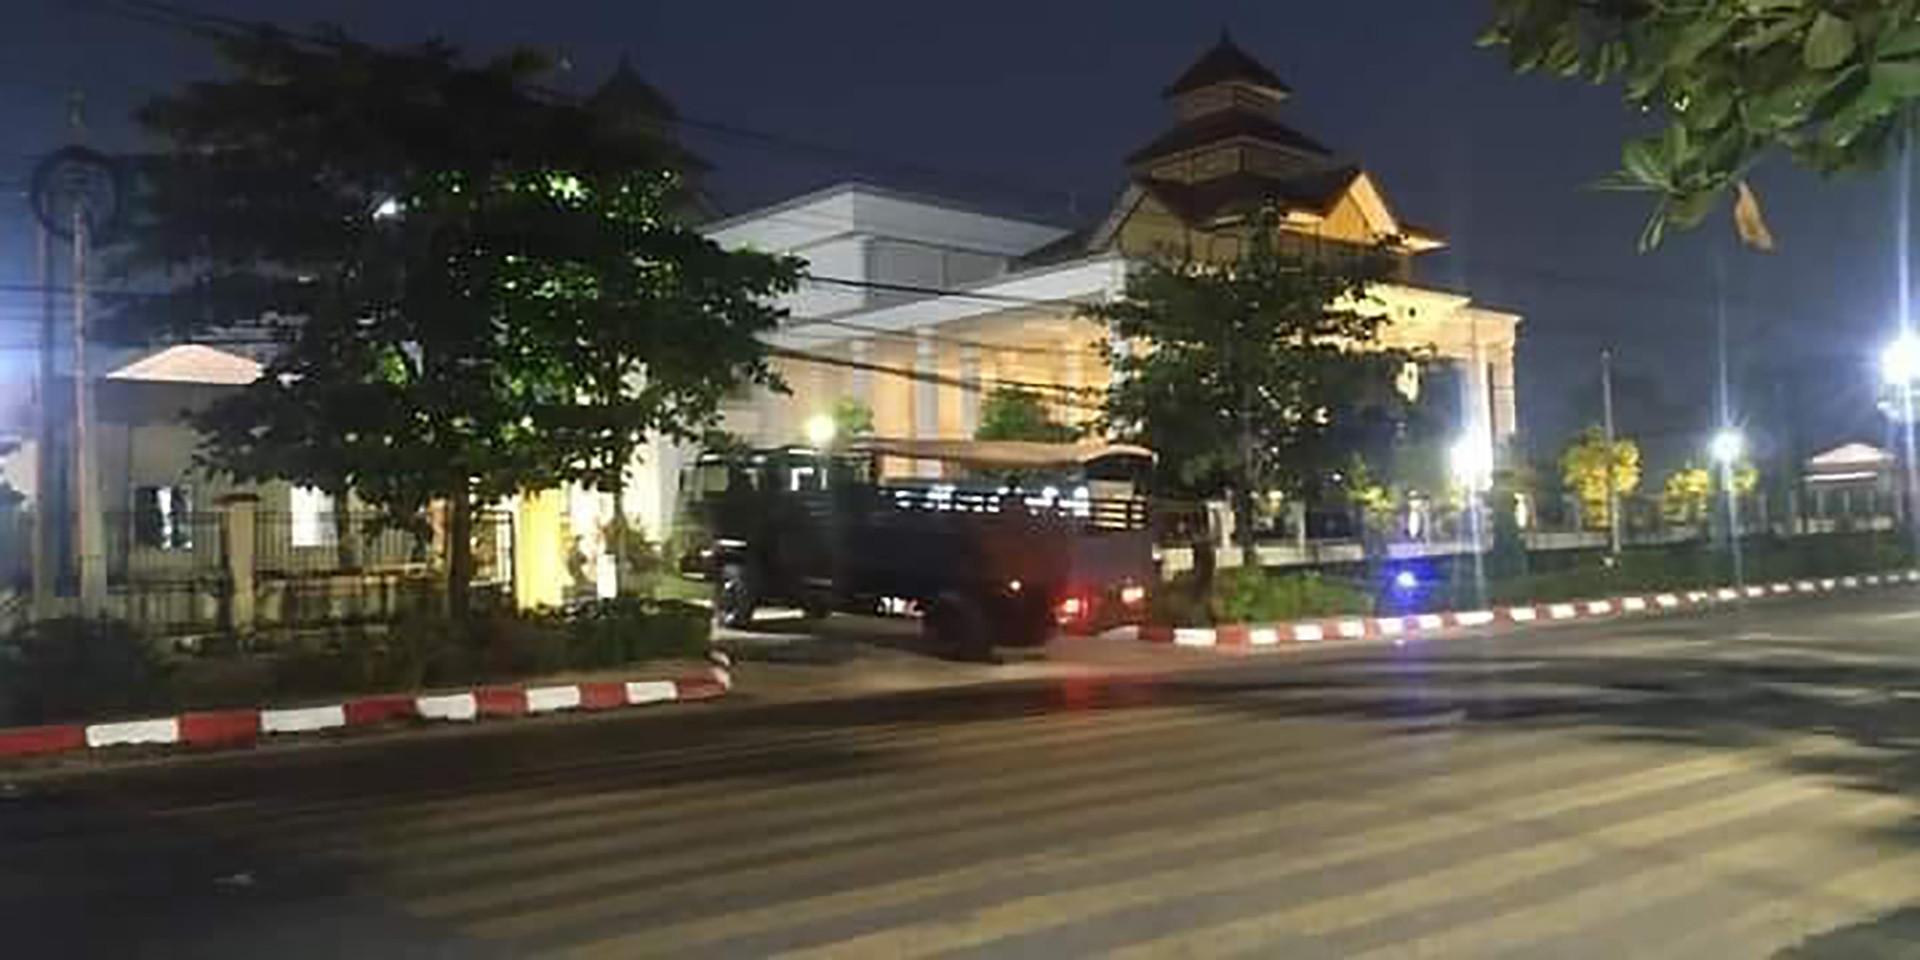 ภาพกองทัพพม่าบุกยึดที่ว่าการภาคพะโค ที่เมืองพะโคหรือหงสาวดีเช้านี้ รวมทั้งควบคุมตัวผู้ว่าการภาคพะโคและแกนนำรัฐบาลท้องถิ่น (ที่มา: DVB)